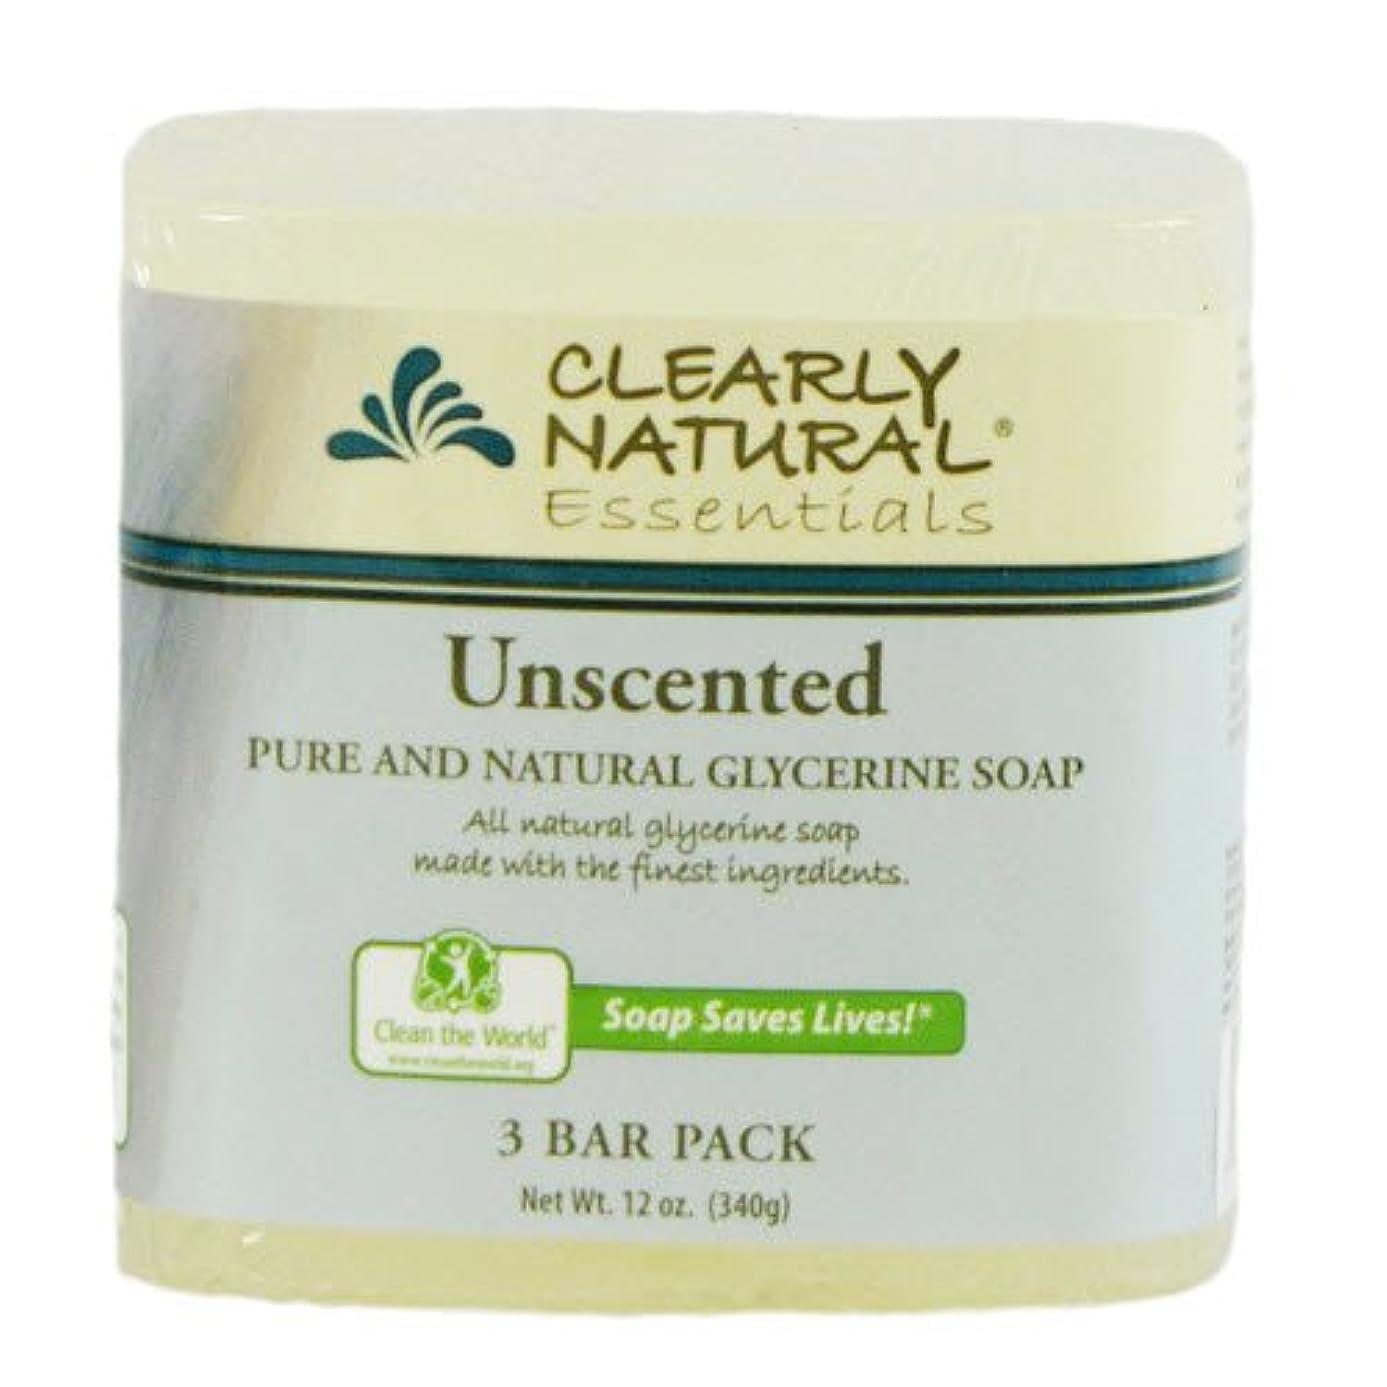 放つリビングルーム連帯Clearly Natural, Pure and Natural Glycerine Soap, Unscented, 3 Bar Pack, 4 oz Each